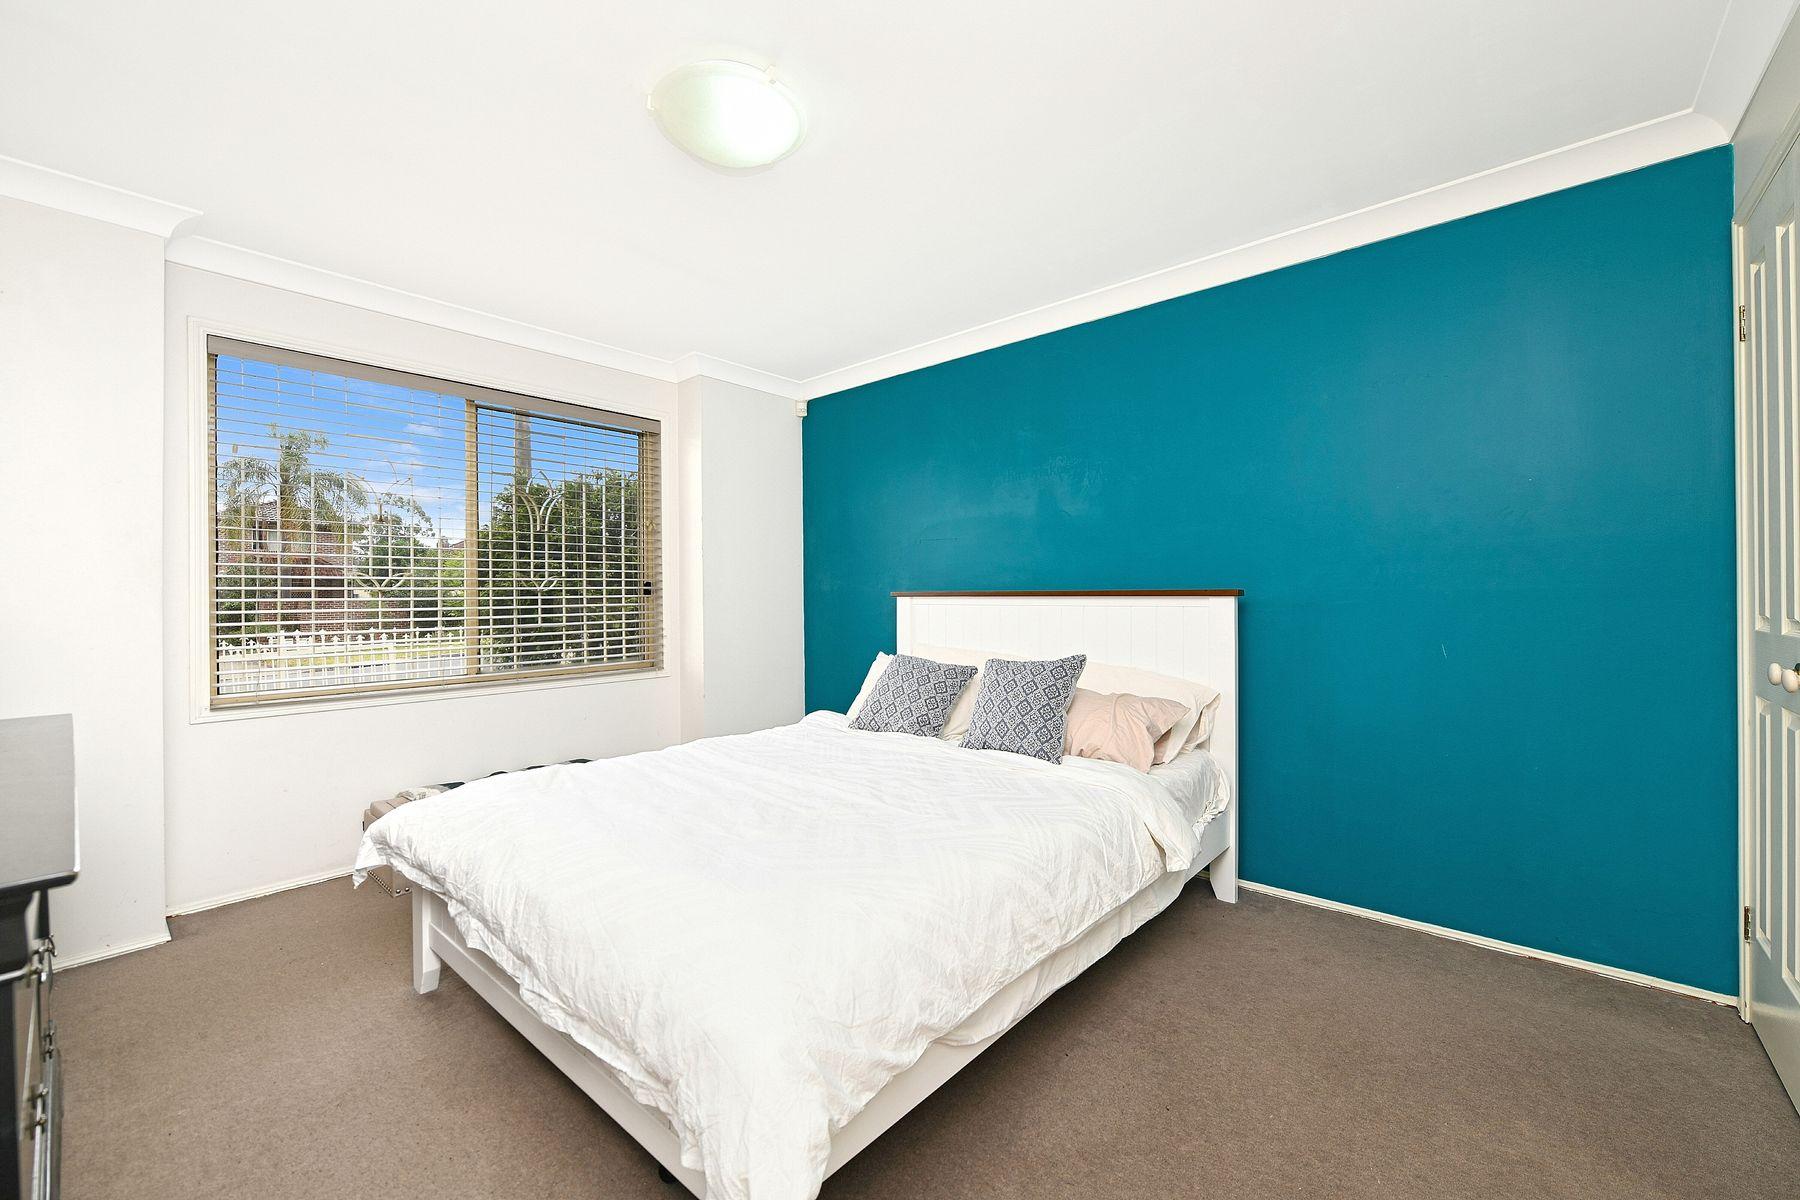 2B proctor pde, Sefton, NSW 2162